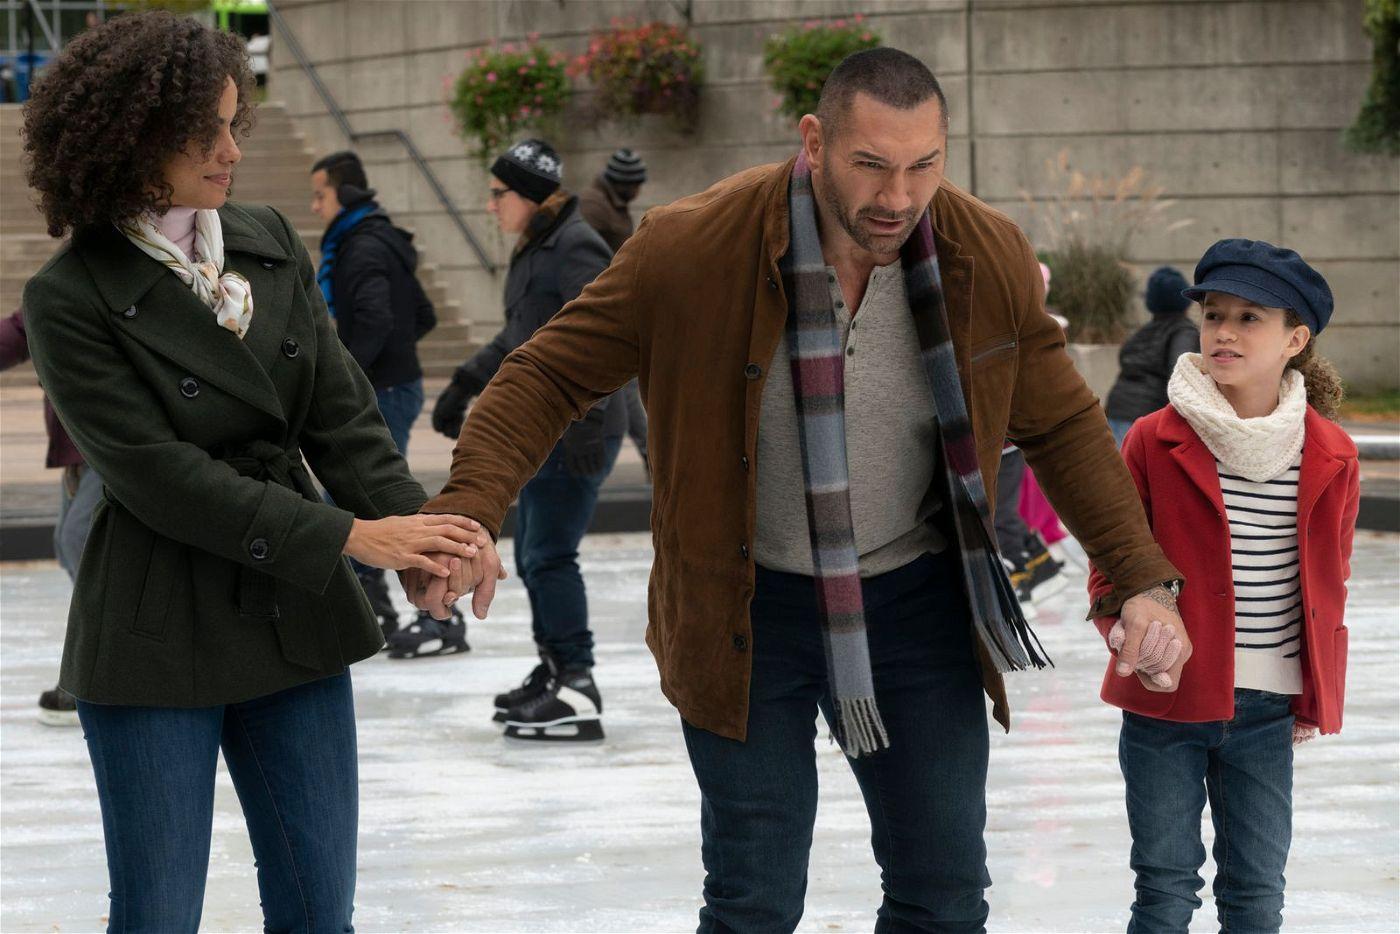 Zusammen mit Sophie (Chloe Coleman, rechts) und ihrer Mutter (Parisa Fitz-Henley) wagt sich JJ (Dave Bautista) aufs Eis.